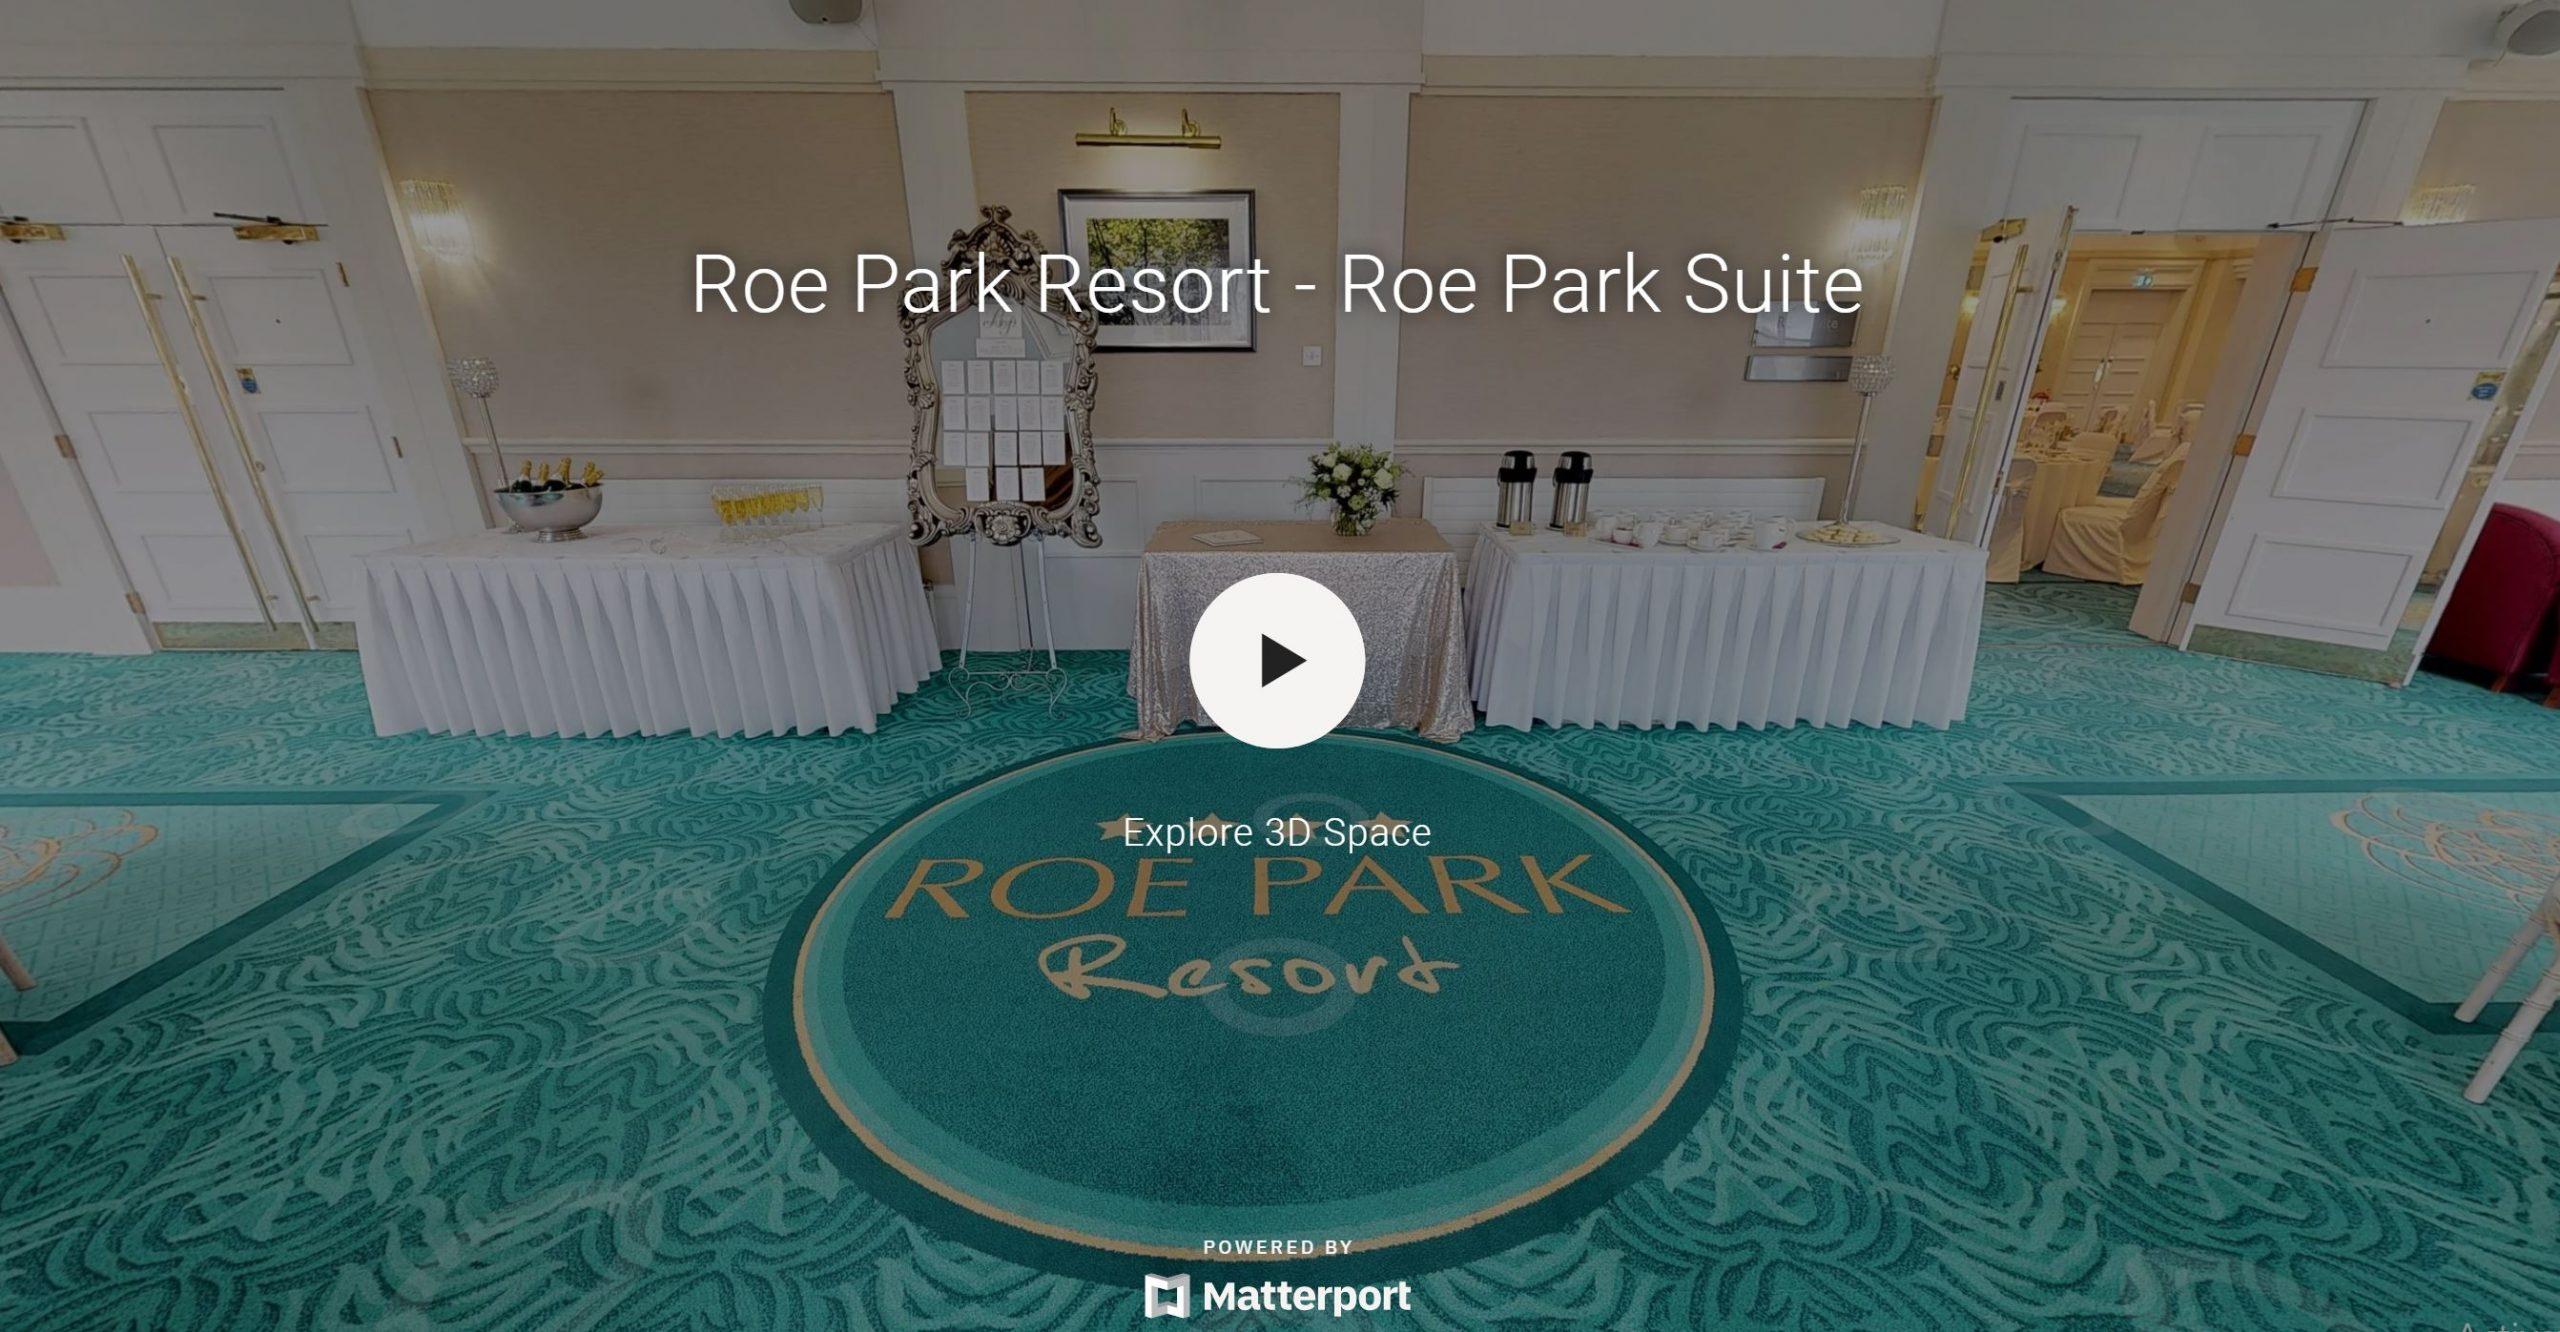 Capture-roe-park-matterport-showcase-showspace-real-view-3d